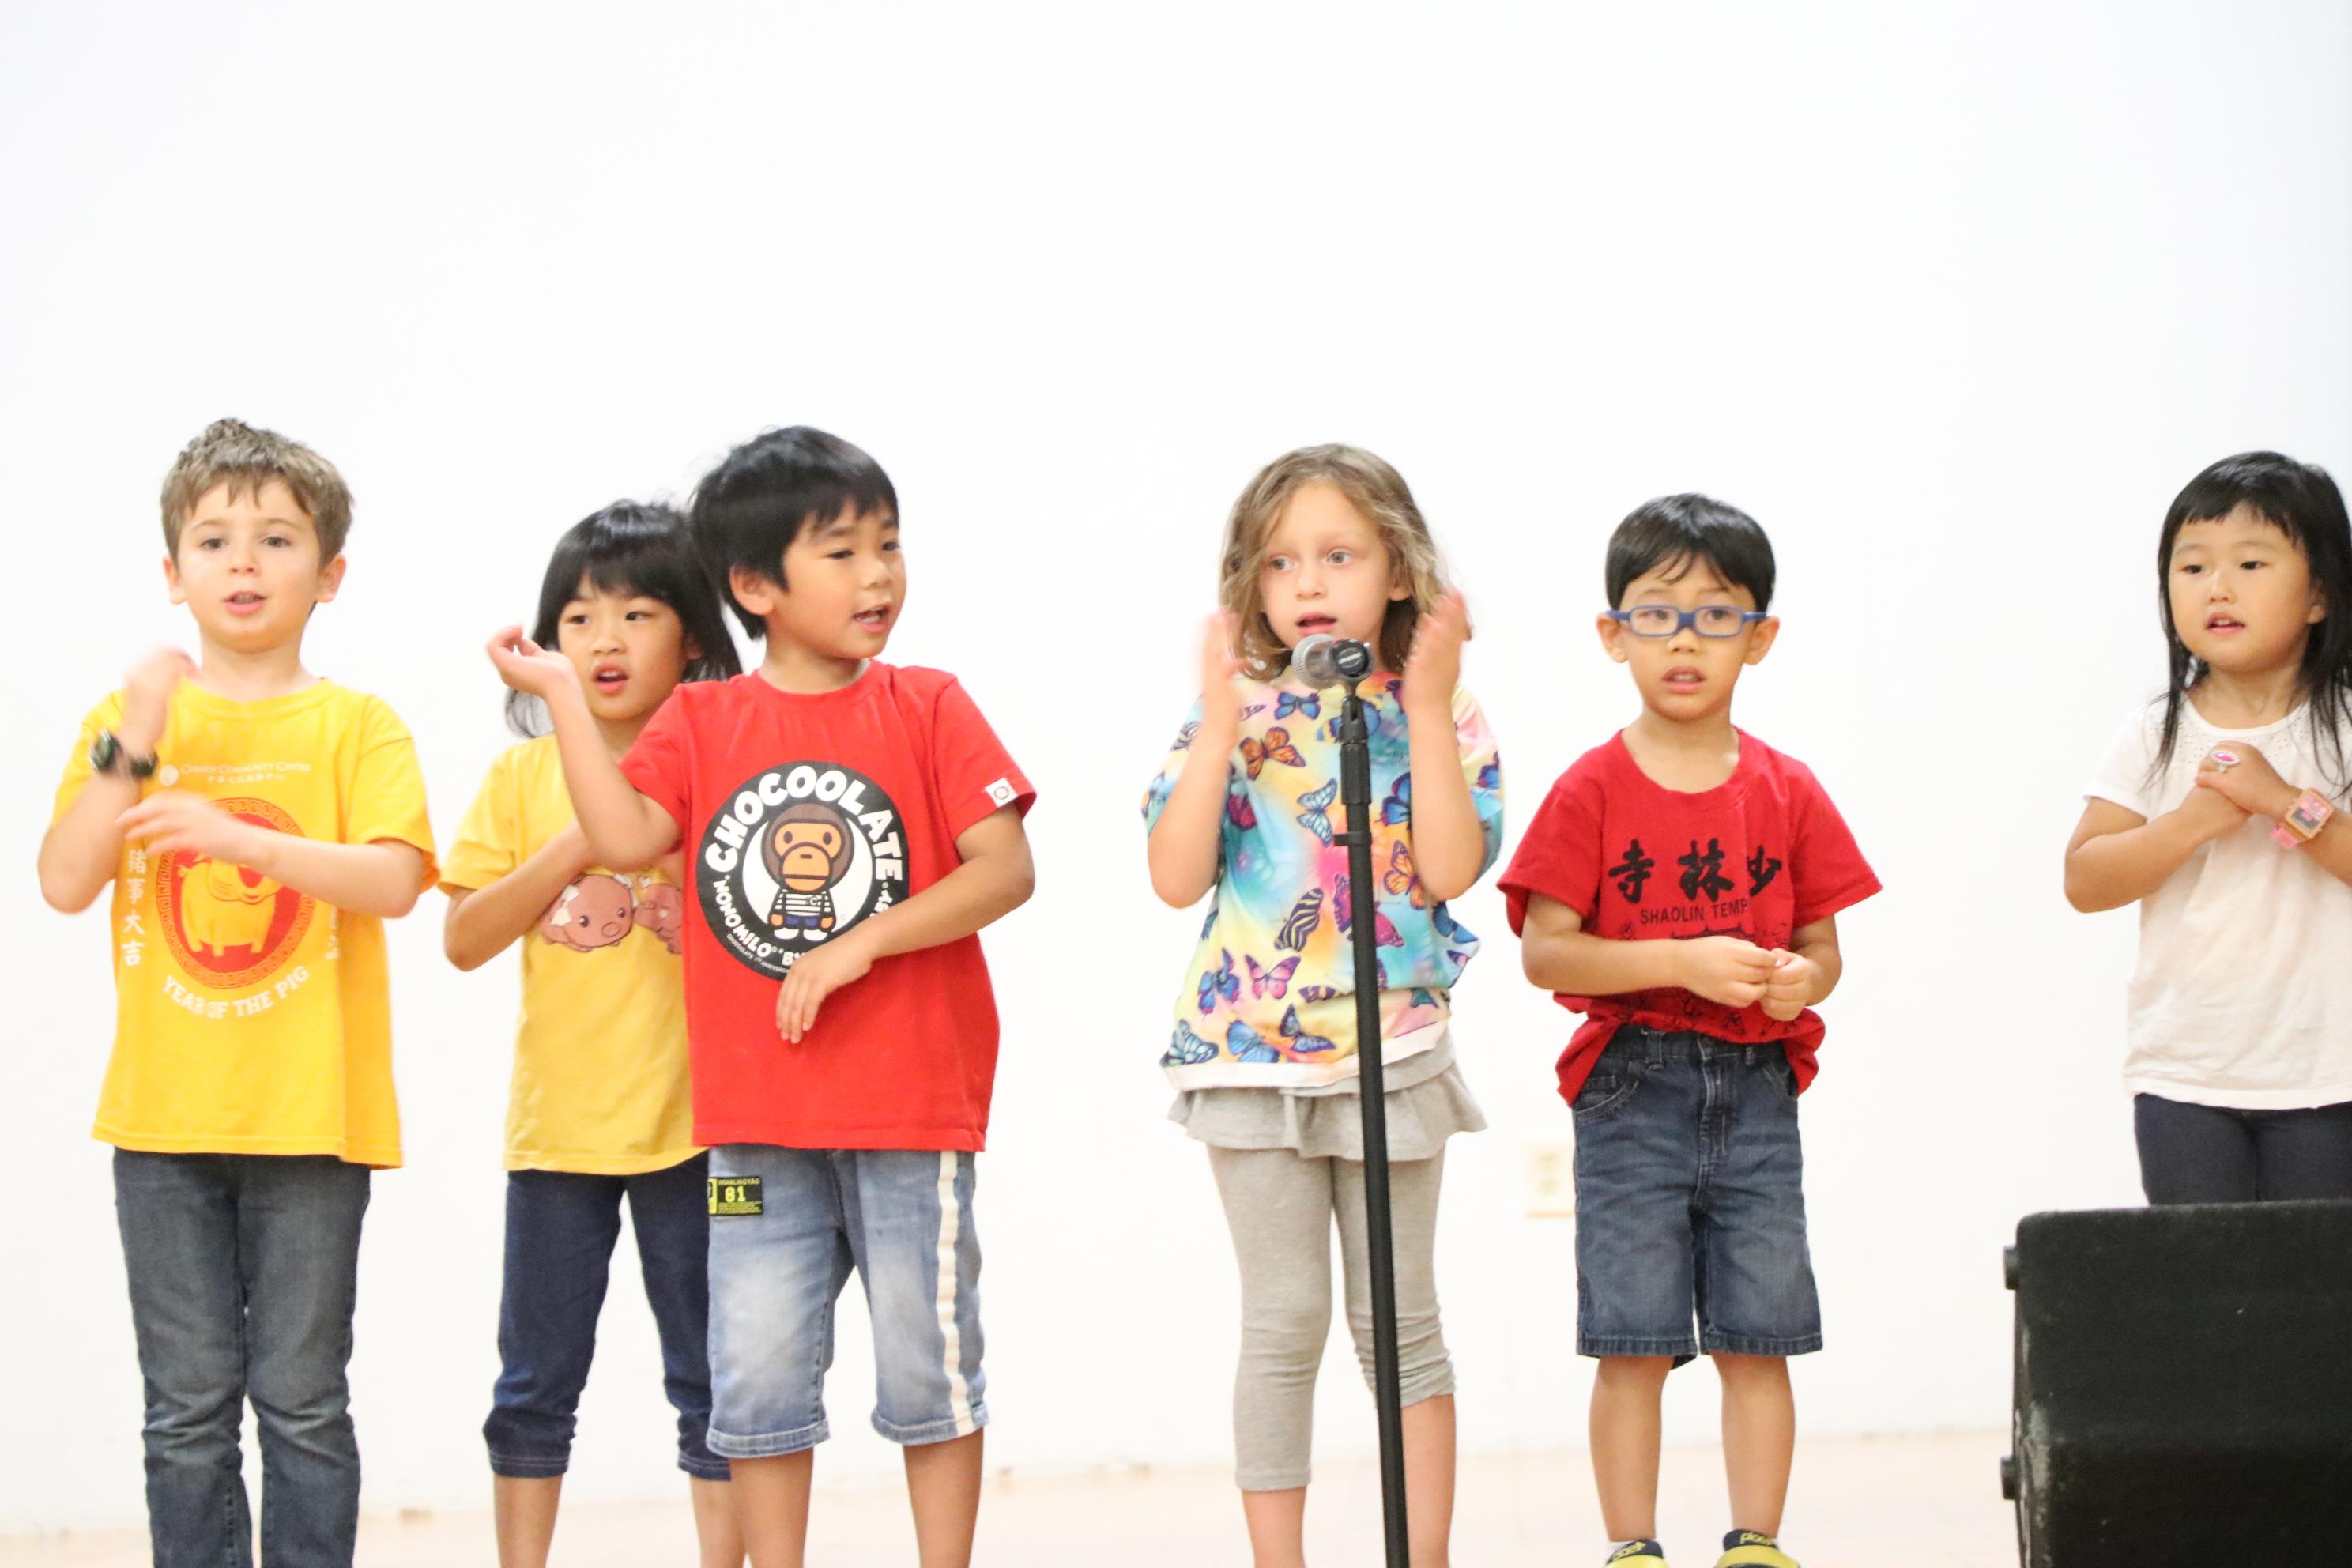 中華文化服務中心所屬的文心雙語幼兒園的小朋友,以可愛動人的聲音為大家帶來歡樂。